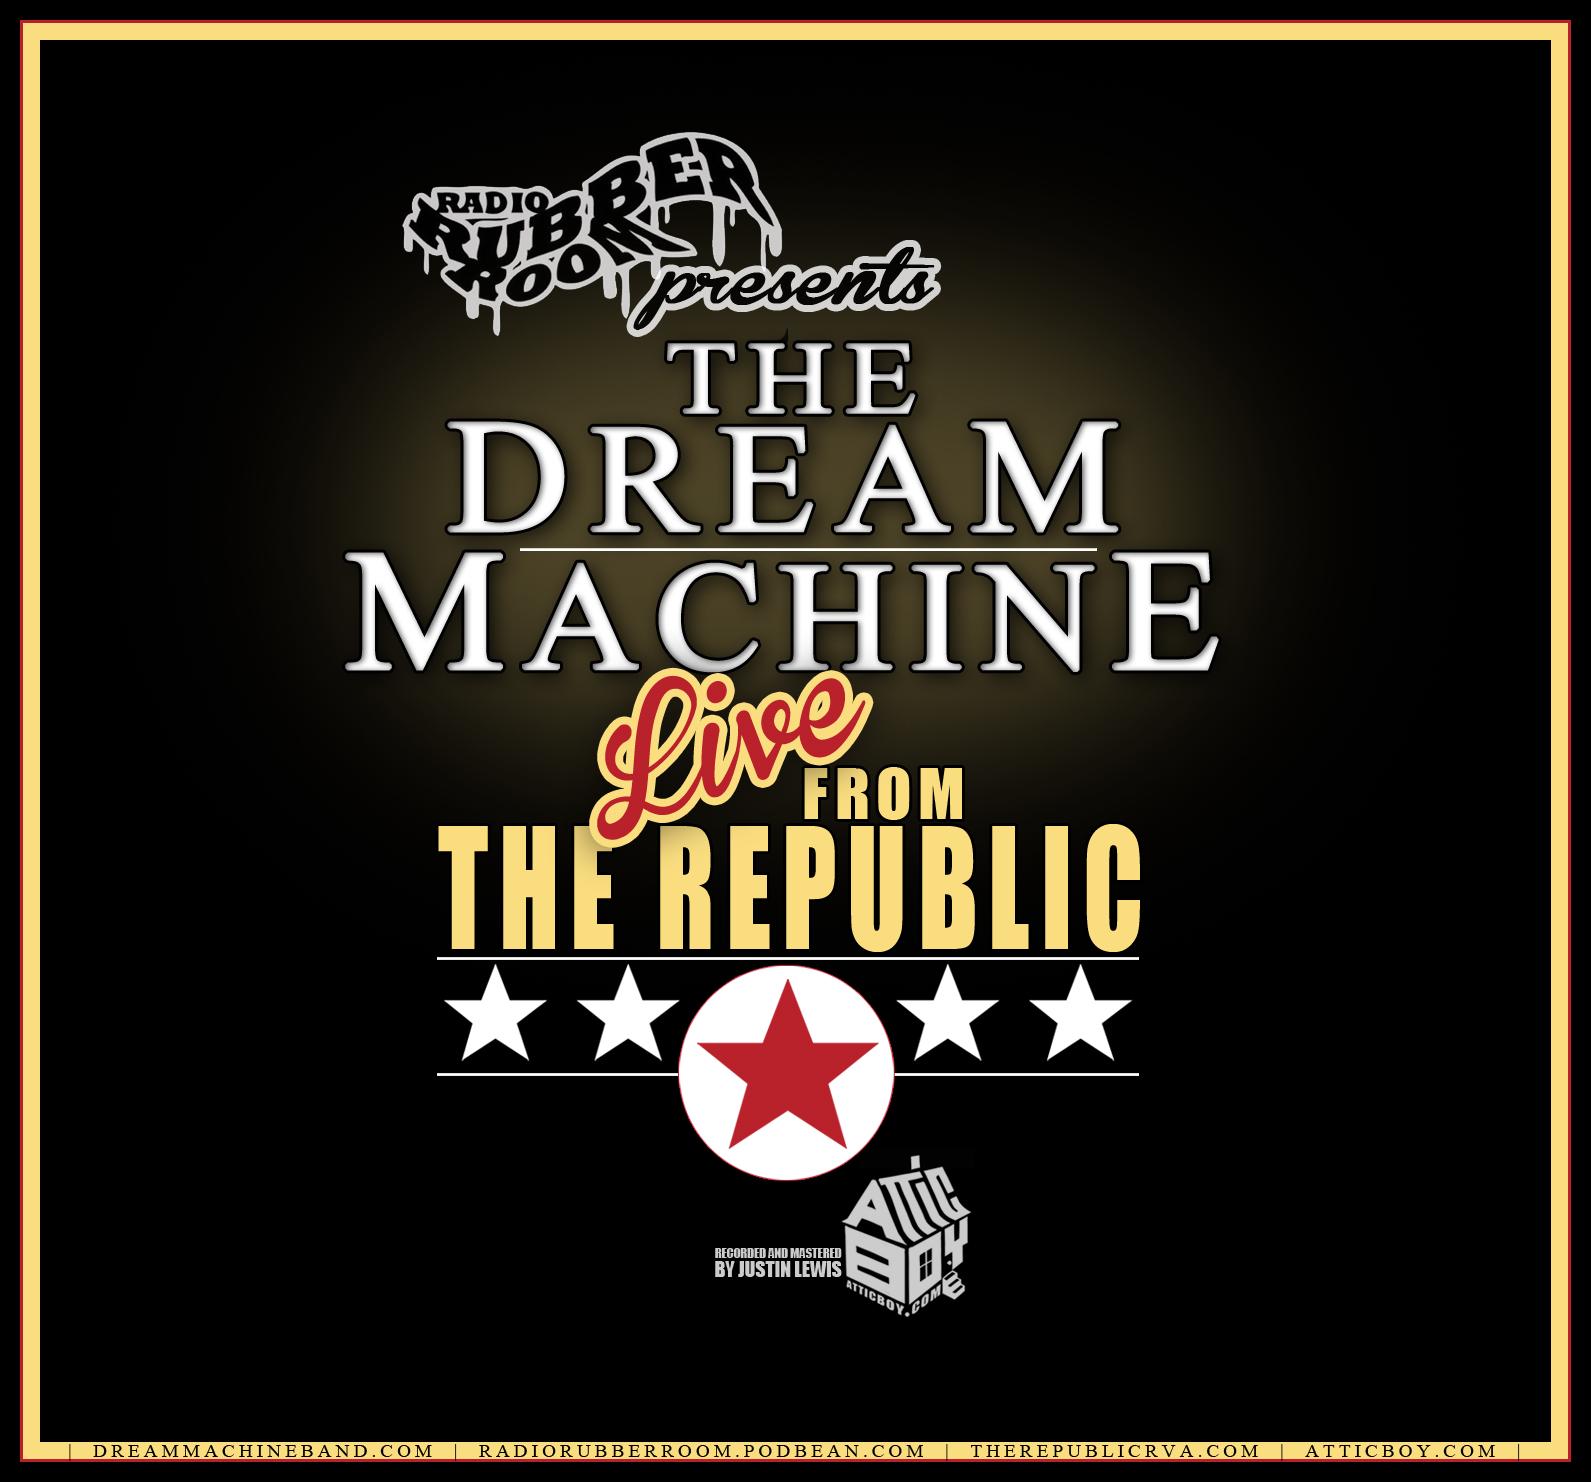 dream machine live at republic cd cover copy.jpg